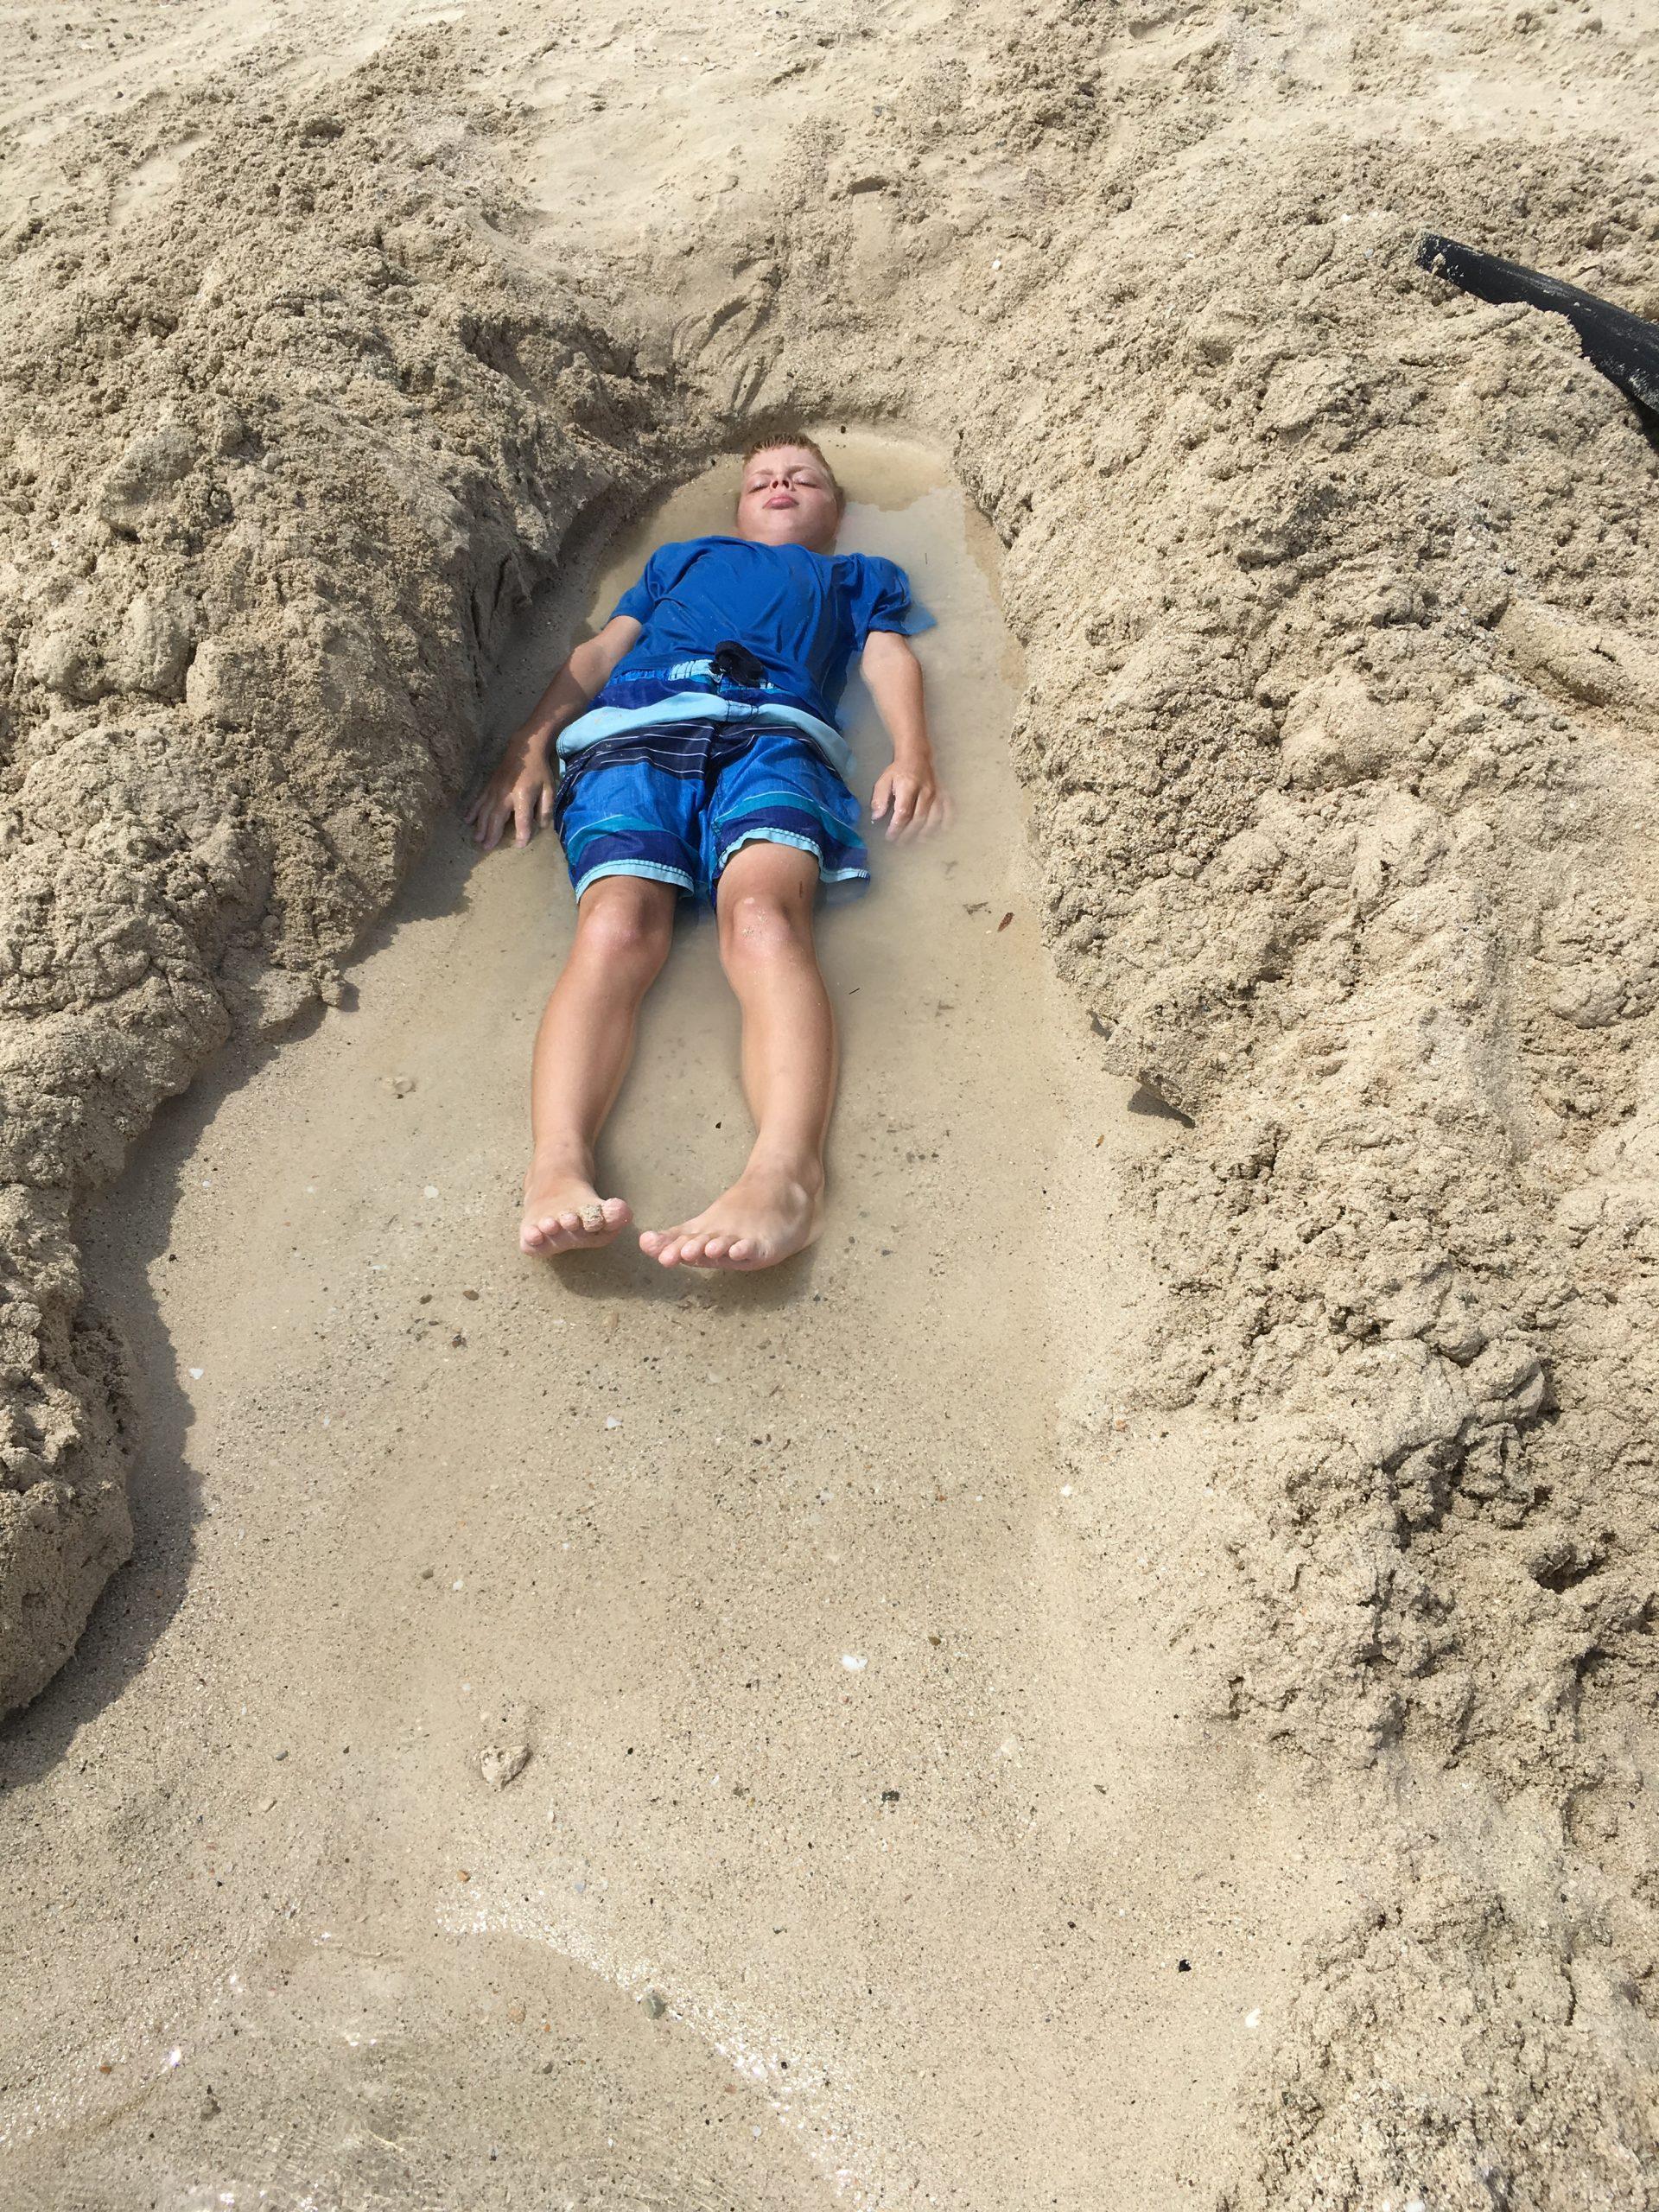 Gabe in Sand